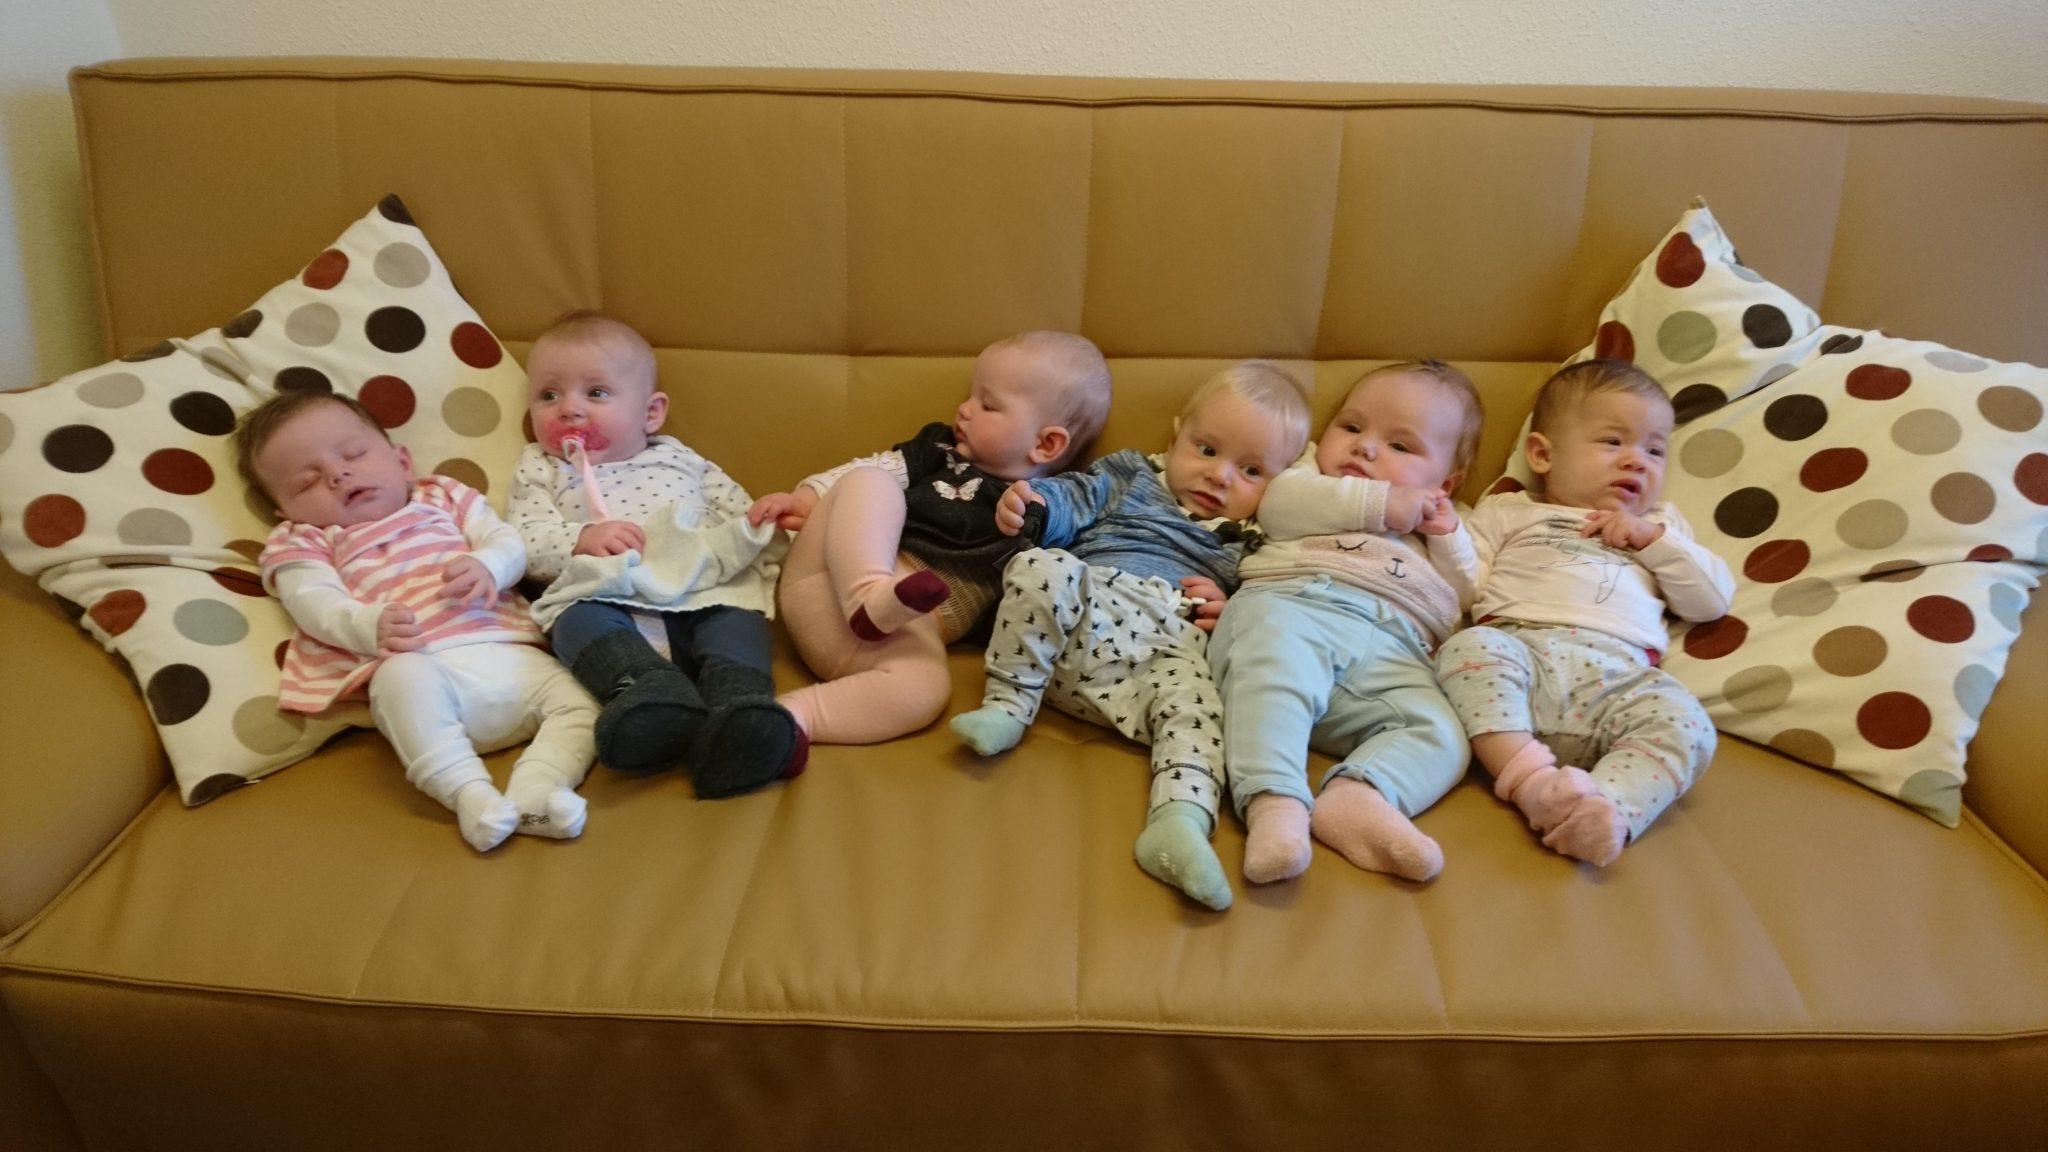 Terugkomdag zes baby's liggen naast elkaar op een bank